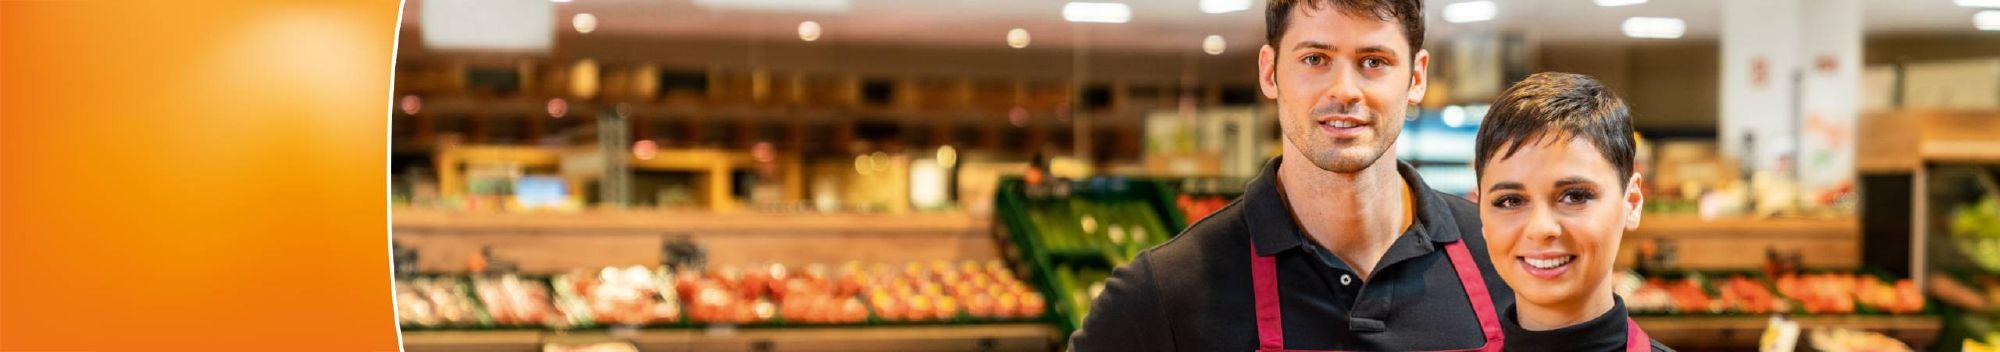 Lebensmittelüberwachung Supermarkt